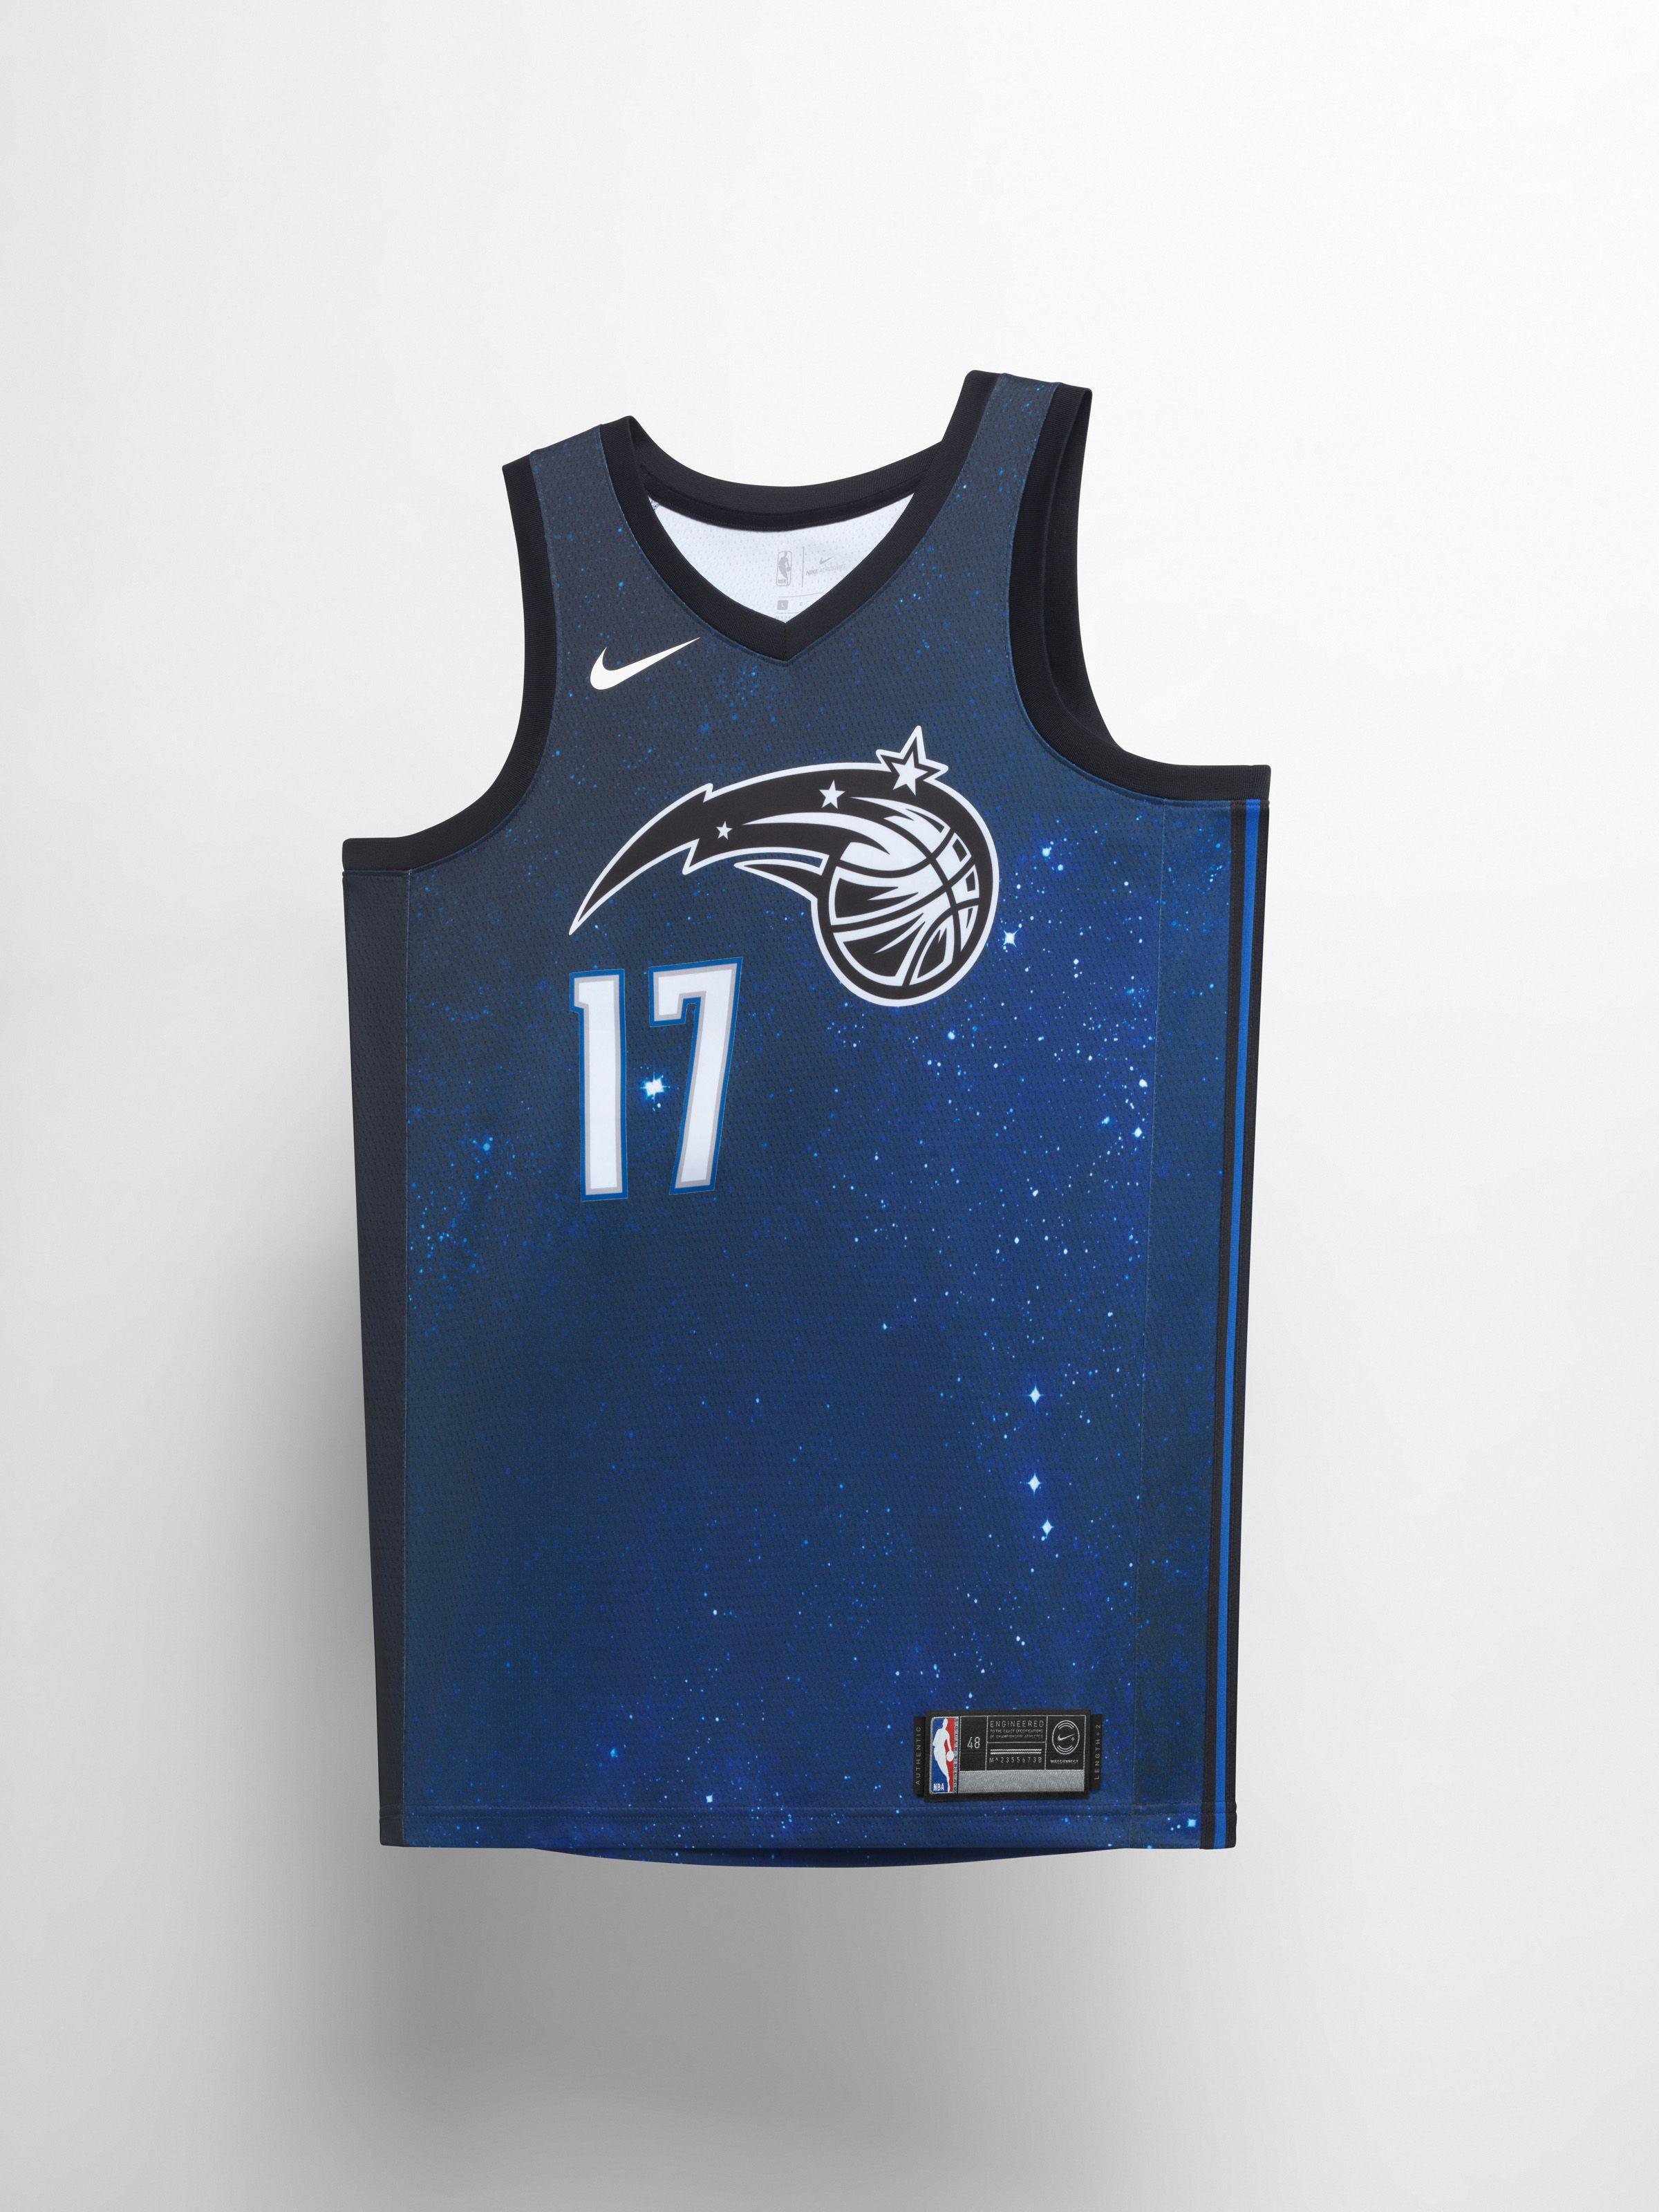 2672e8cb98e nike nba jerseys leaked celebrity soccer jersey replicas - ocsgrupo.com